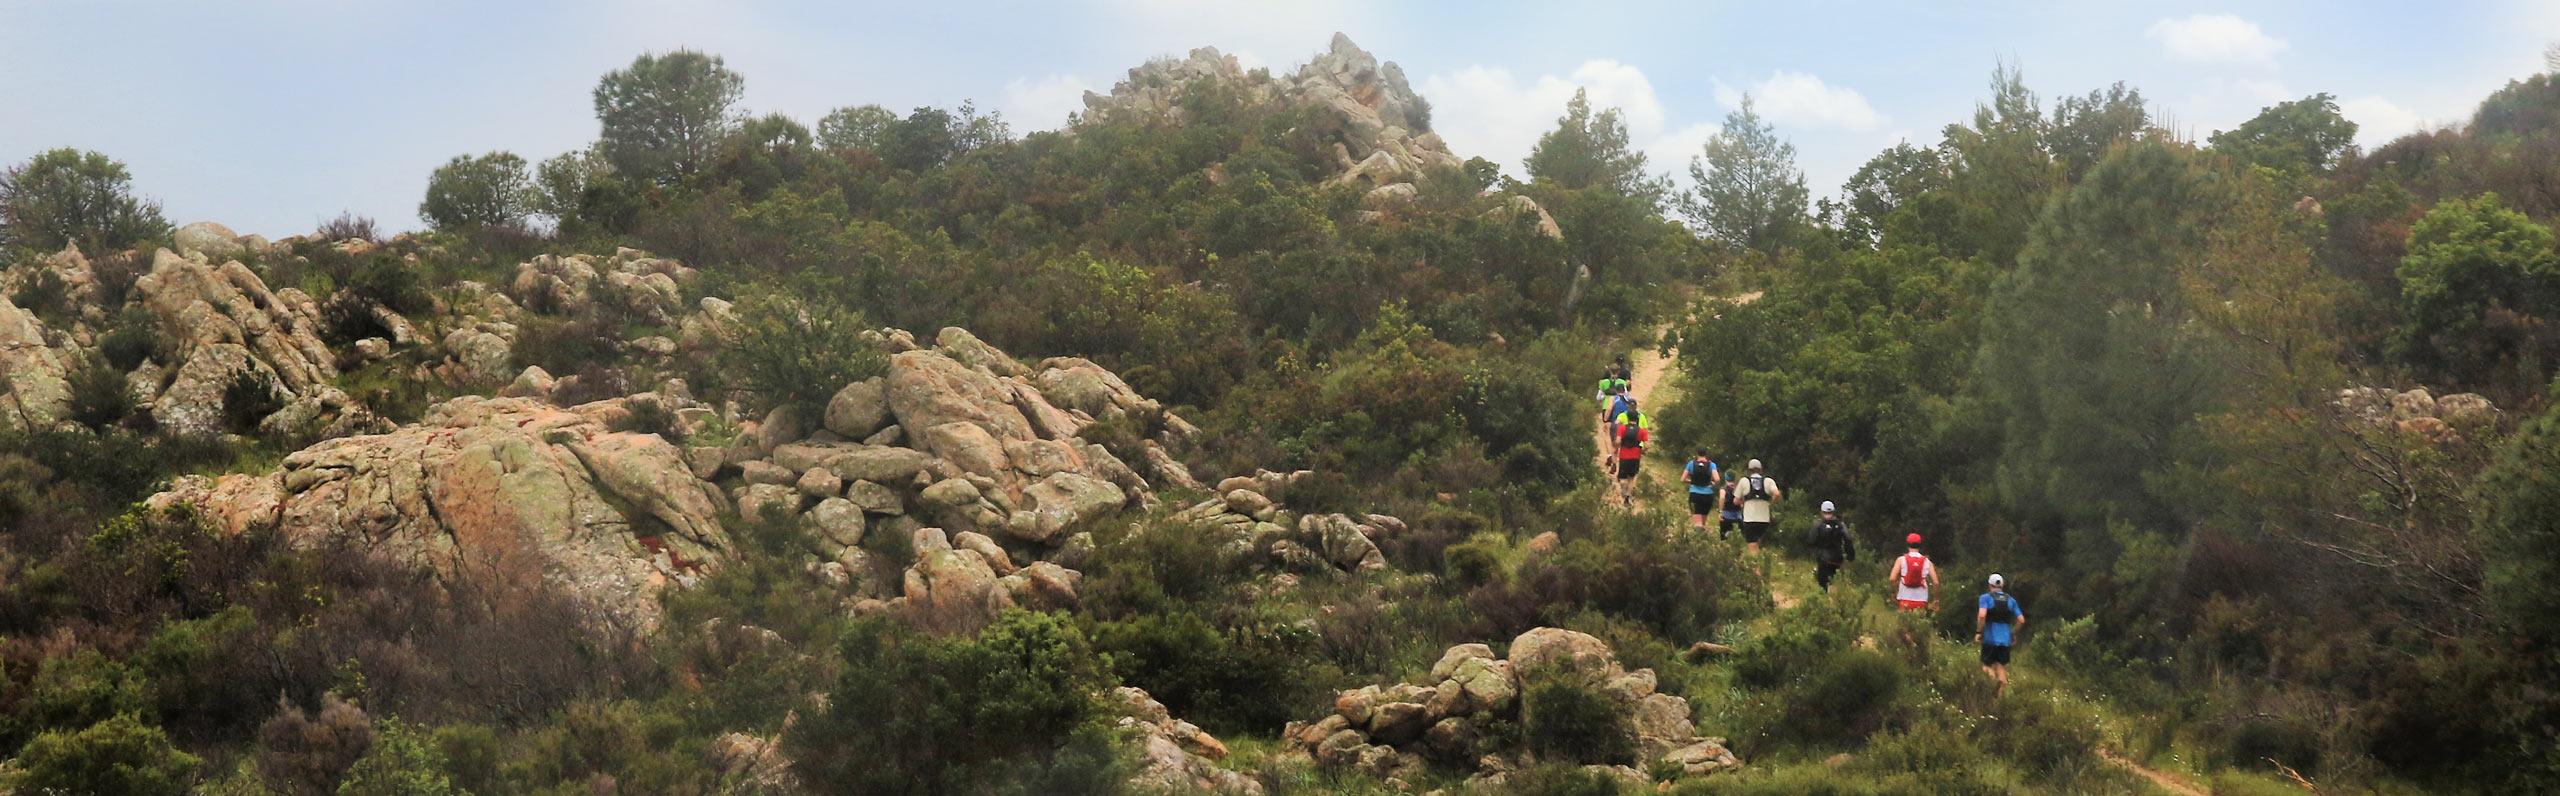 bici-aktivferien trailrunning auf sardinien